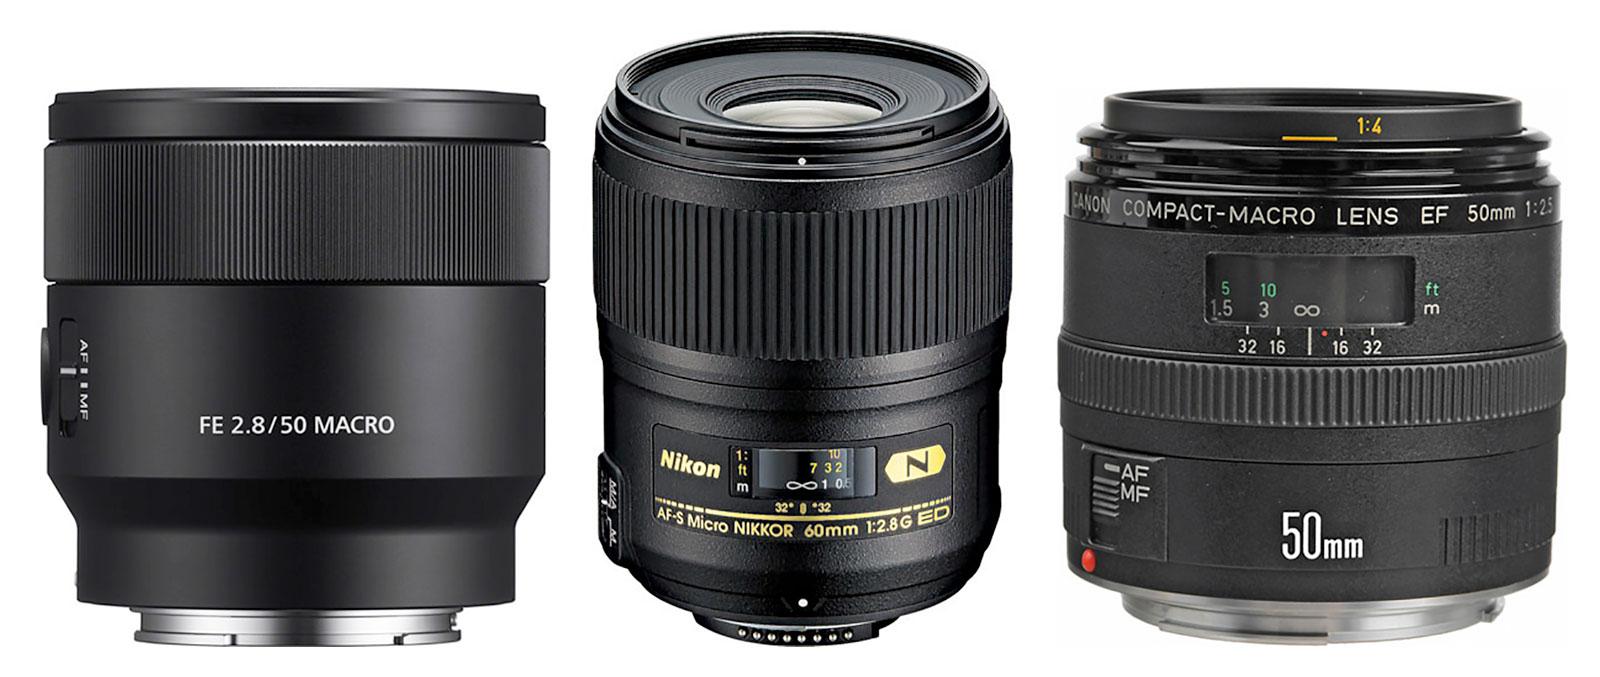 50mm Macro lenses